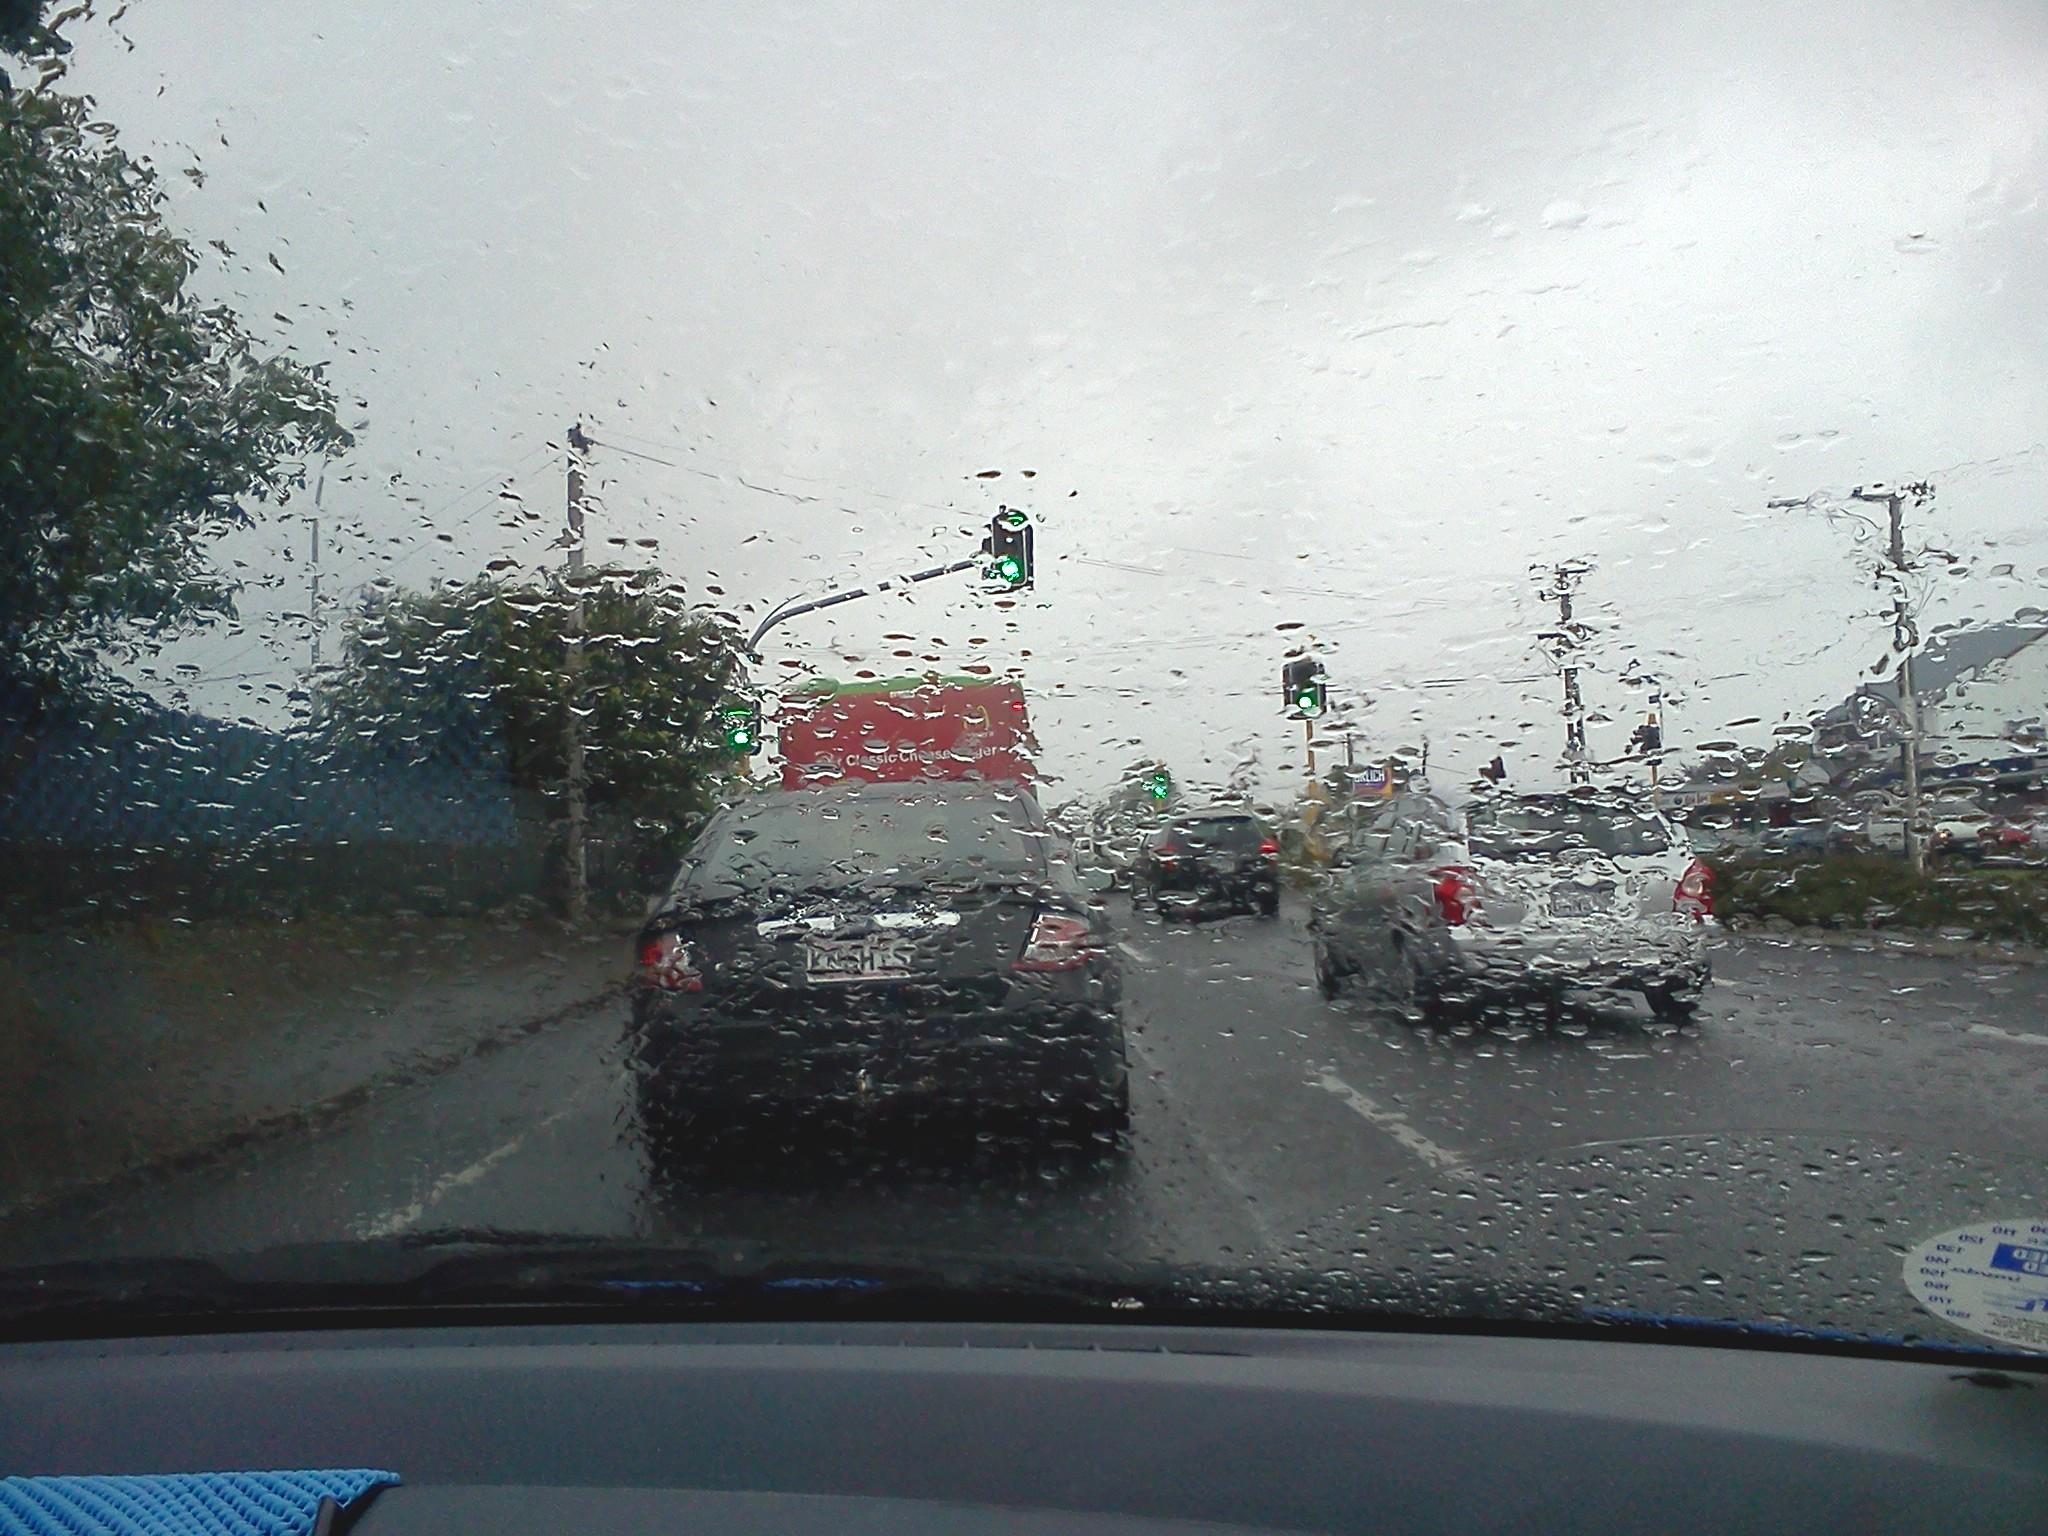 Day 10 - rain